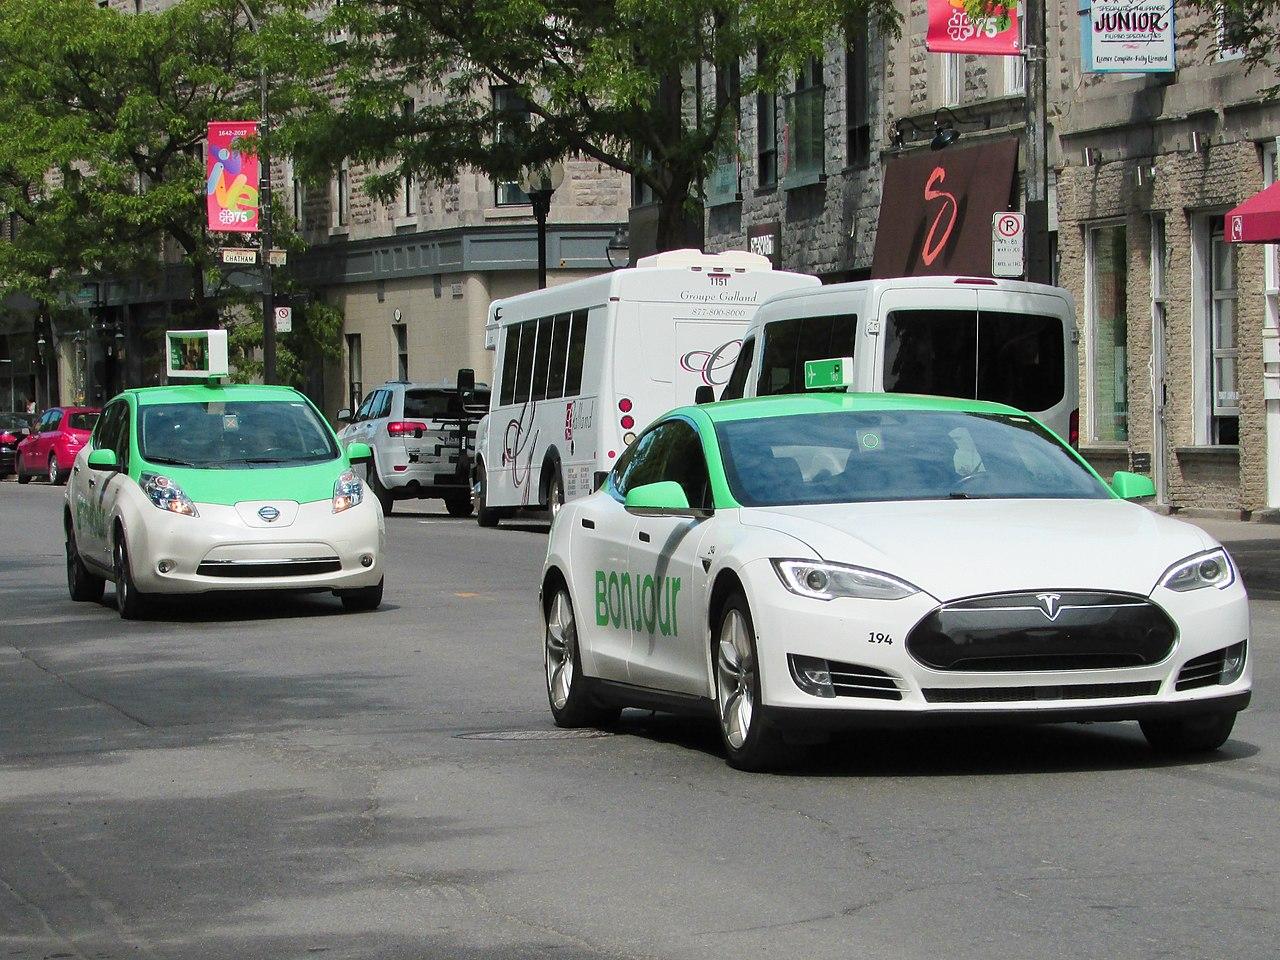 Táxi em Montreal